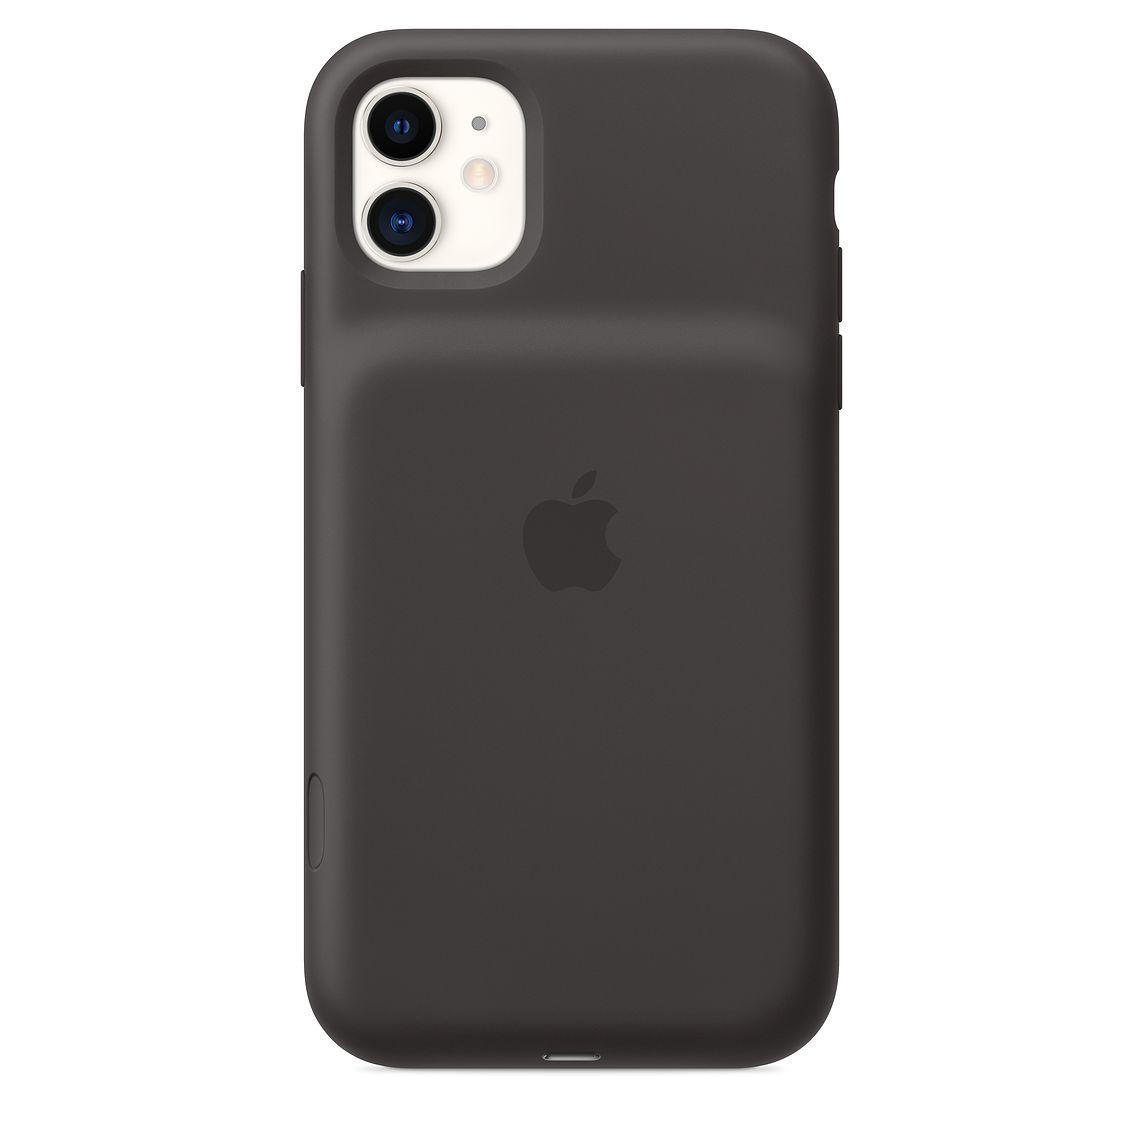 Apple 現時只有智慧型電池護殼一款官方「電池組」,新的「電池組」充電提示是否在暗示 Apple 會推出新的流動電池呢?